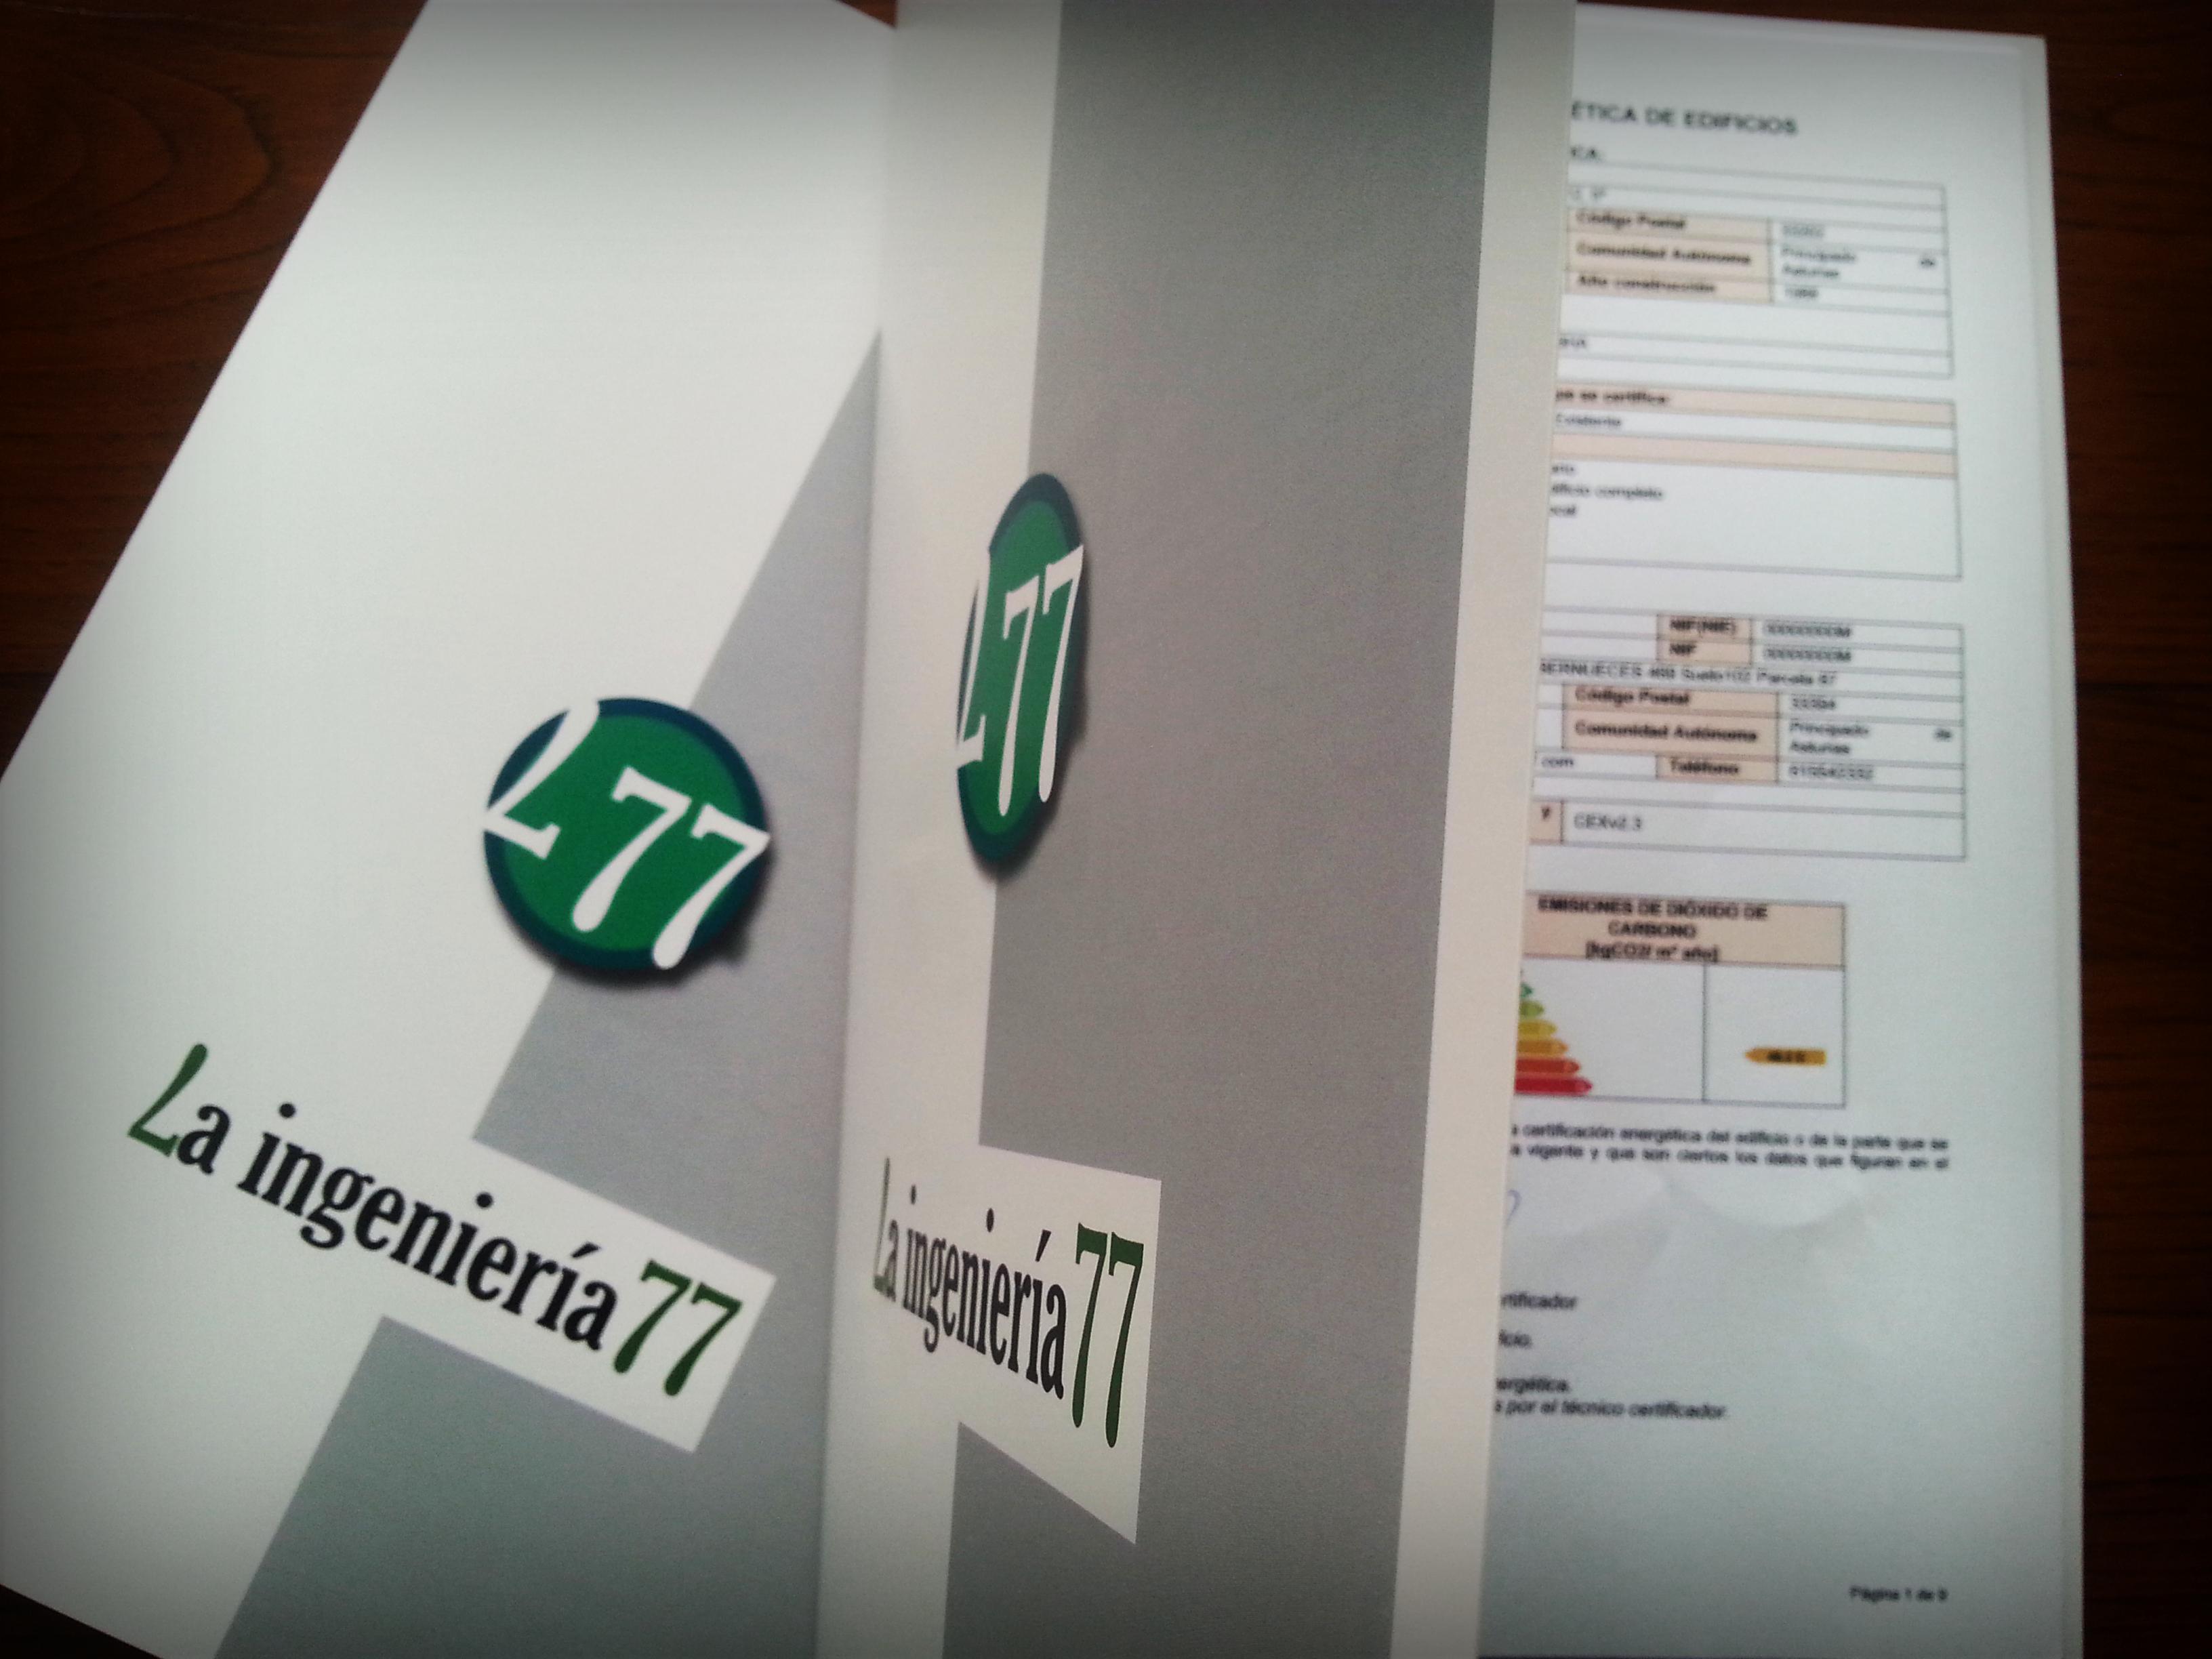 Certificados energéticos entregados por La Ingeniería77